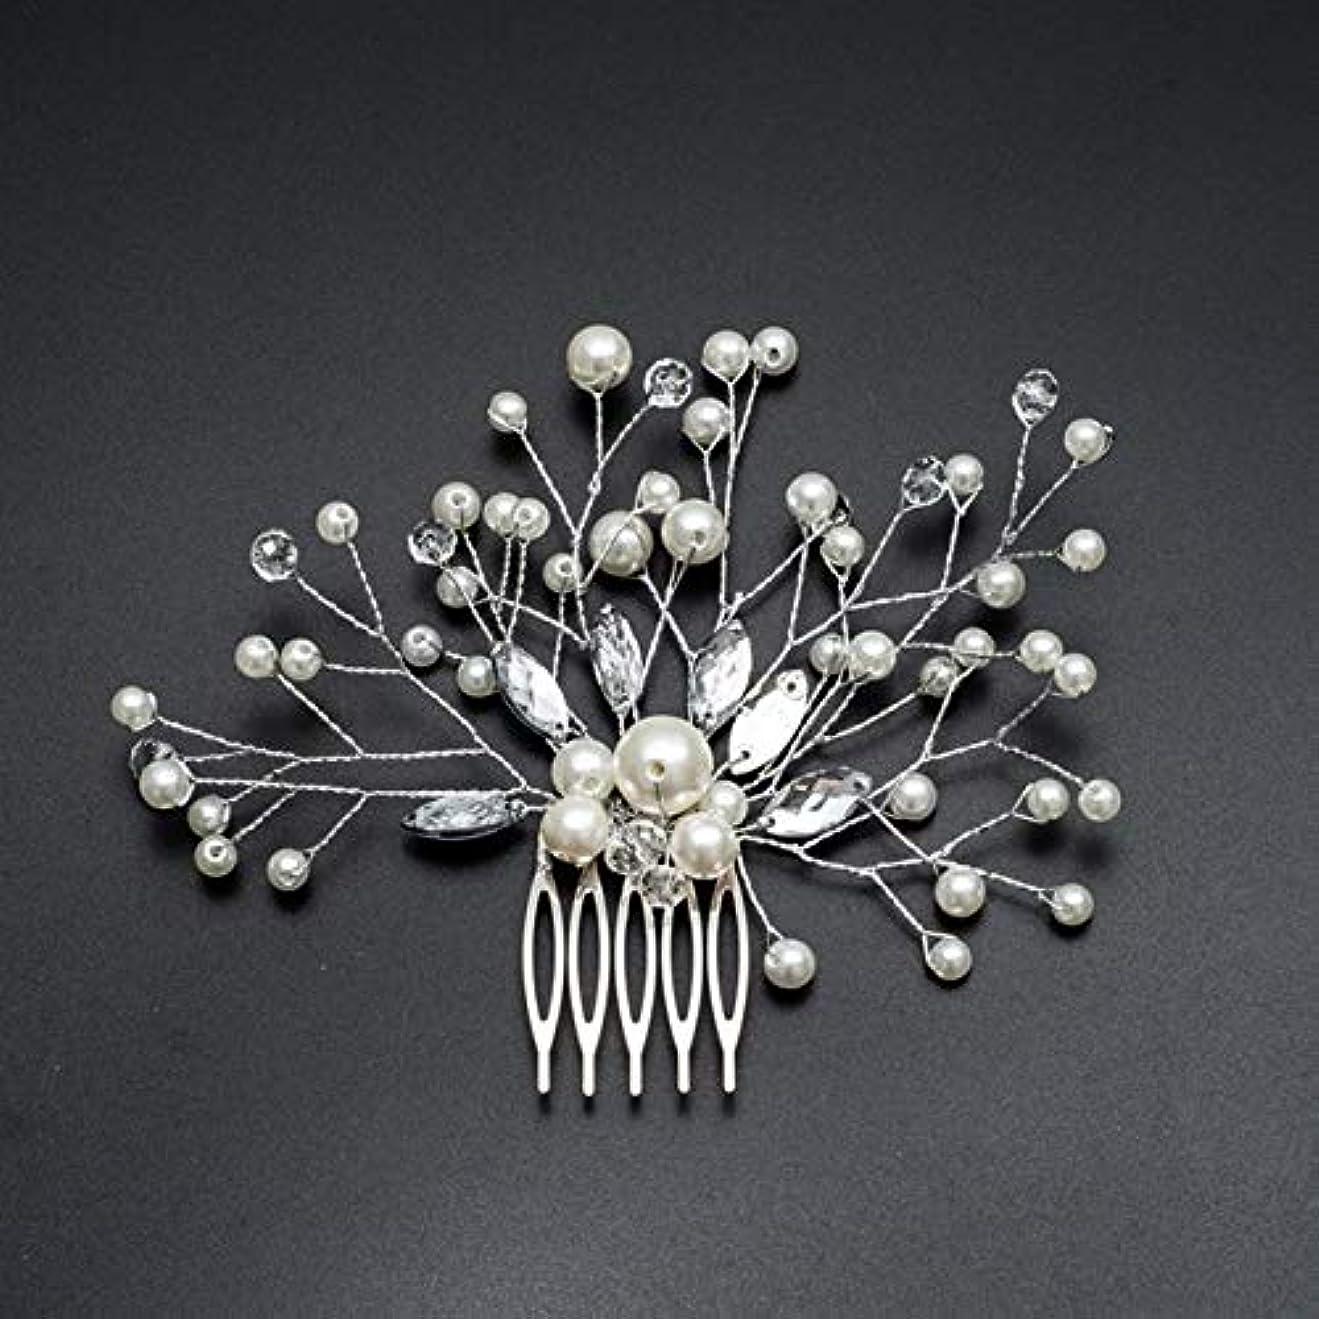 なしでブリッジ奇跡的なHairpinheair YHMパール女性のヘアコーム結婚式のヘアアクセサリーヘアピンラインストーンティアラブライダルクリップクリスタルクラウン花嫁の髪の宝石類(シルバー) (色 : Silver)